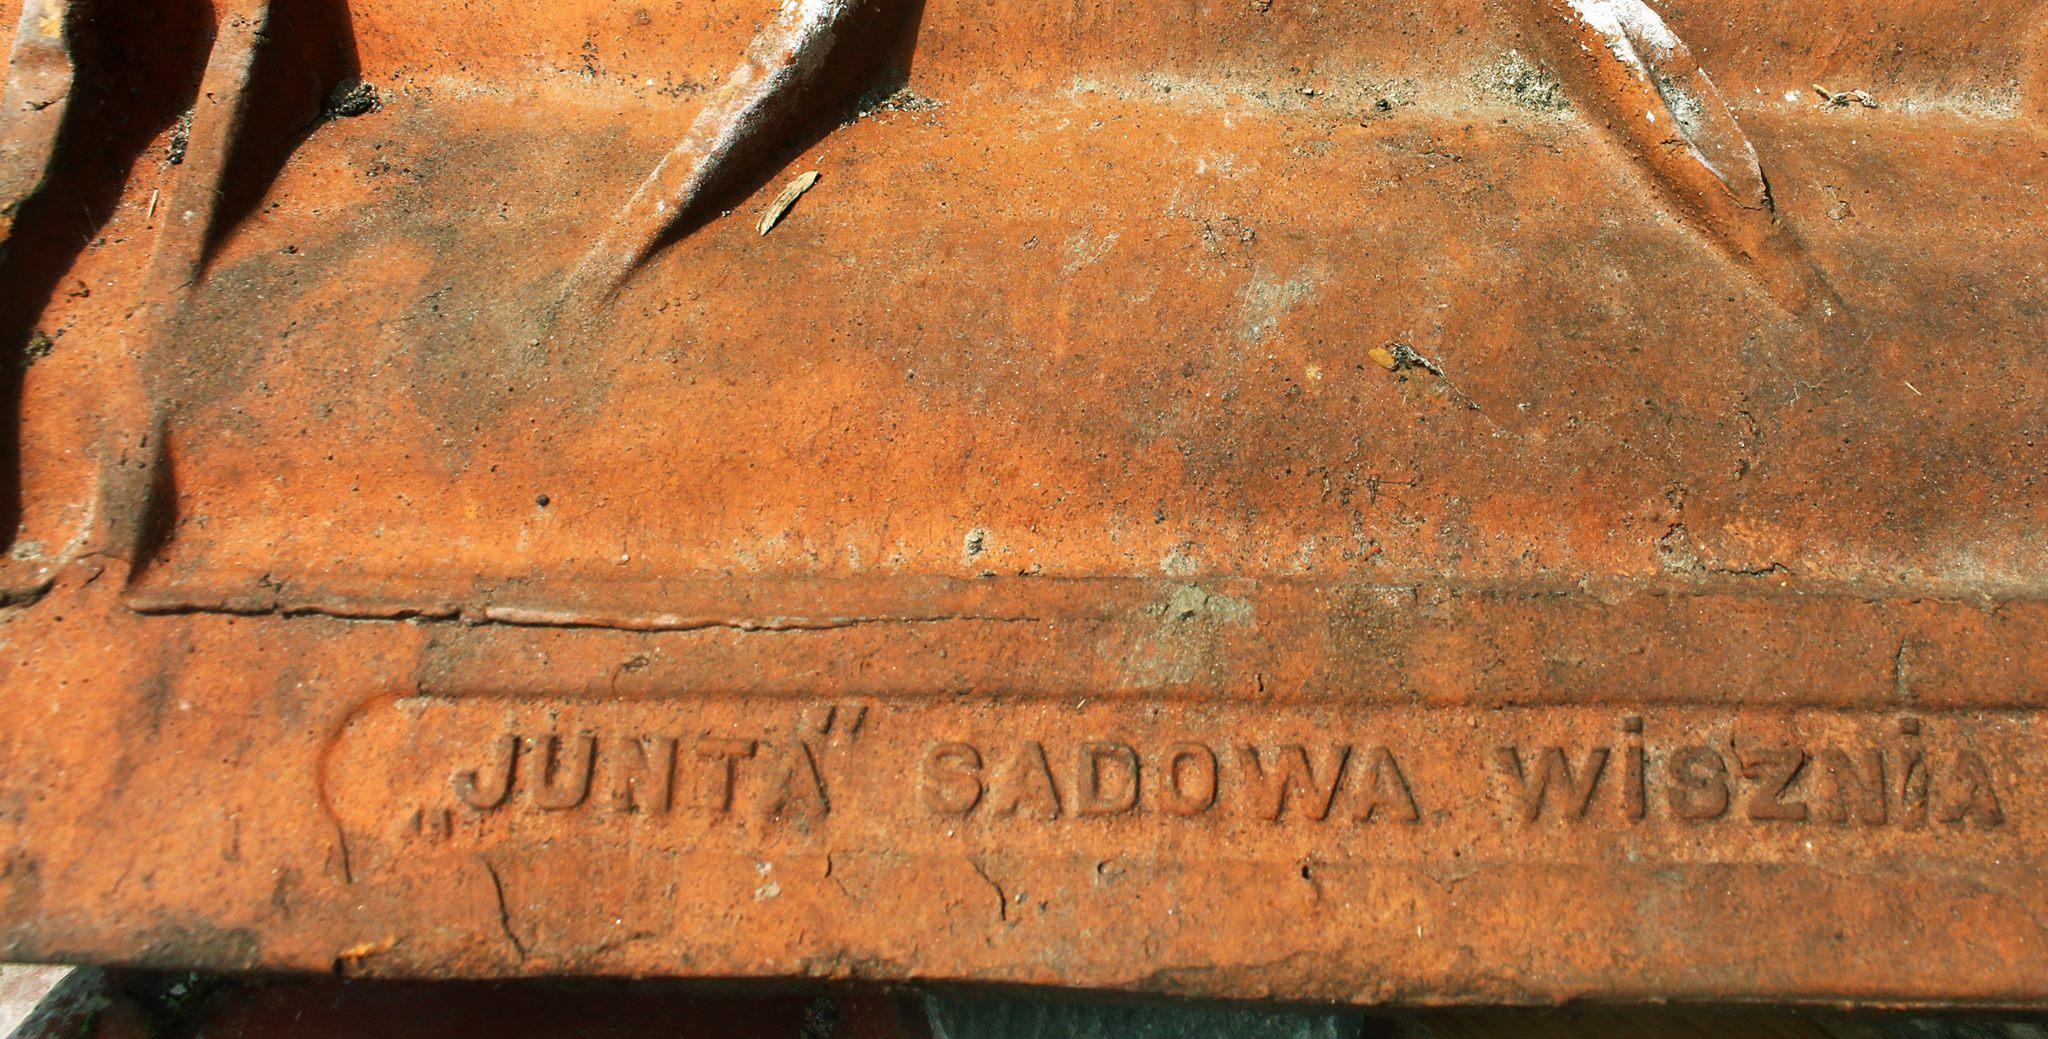 Dachówka, wyprodukowana w Sądowej Wisznia w czasach II RP